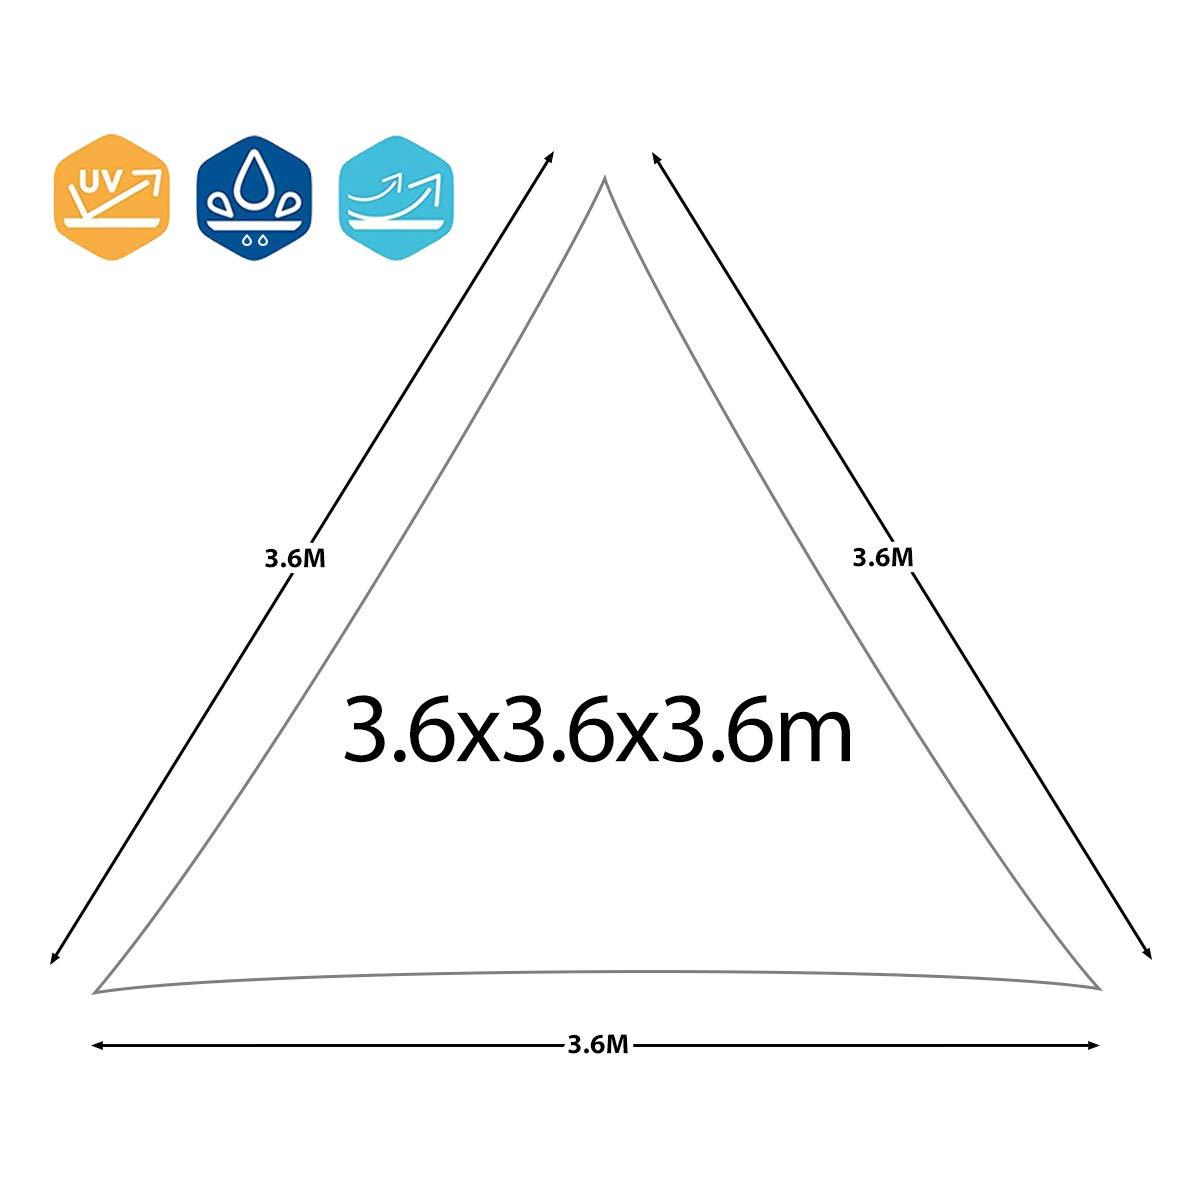 Protezione dai Raggi UV Colore Avorio EGLEMTEK Tenda Parasole Triangolare a Vela Telo da Sole da Esterno Tessuto in Polietilene Resistente e Impermeabile 3x3x3 m